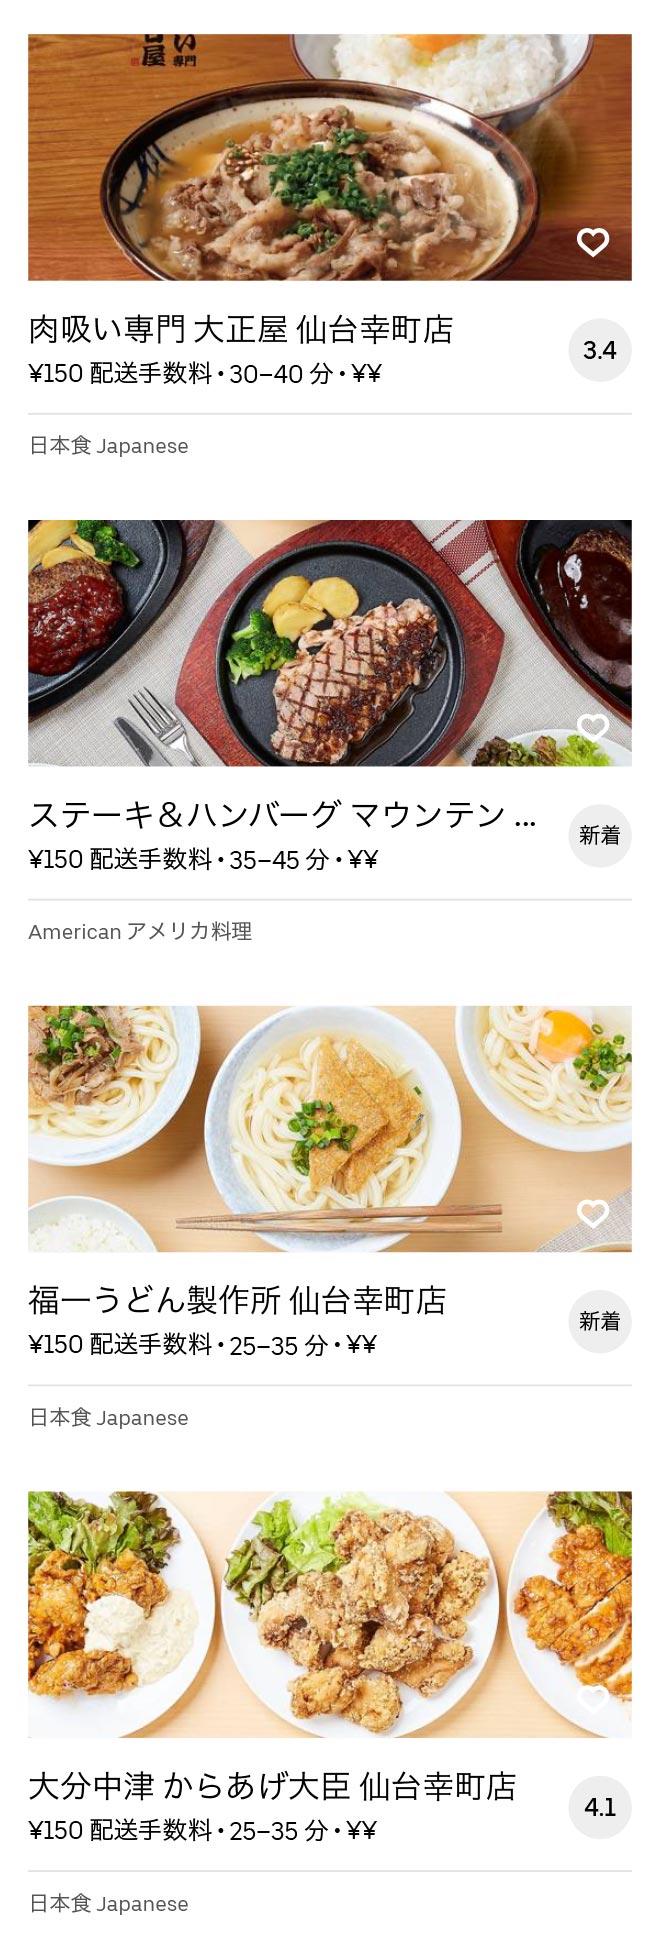 Higashi sendai menu 2008 09